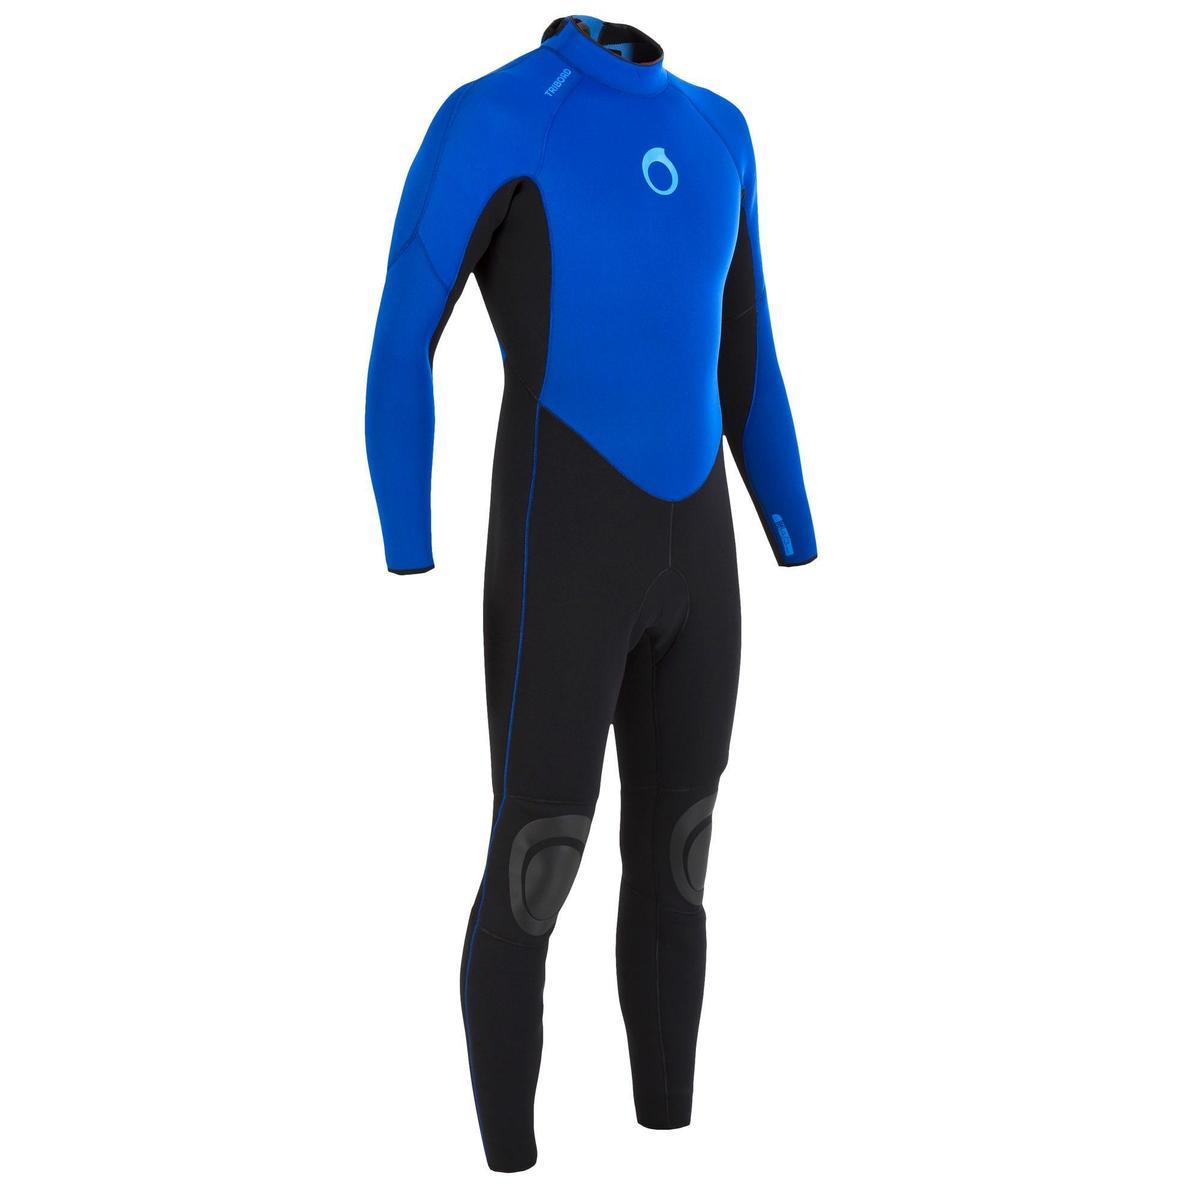 Bild 1 von Neoprenanzug Surfen 100 4/3mm Herren blau